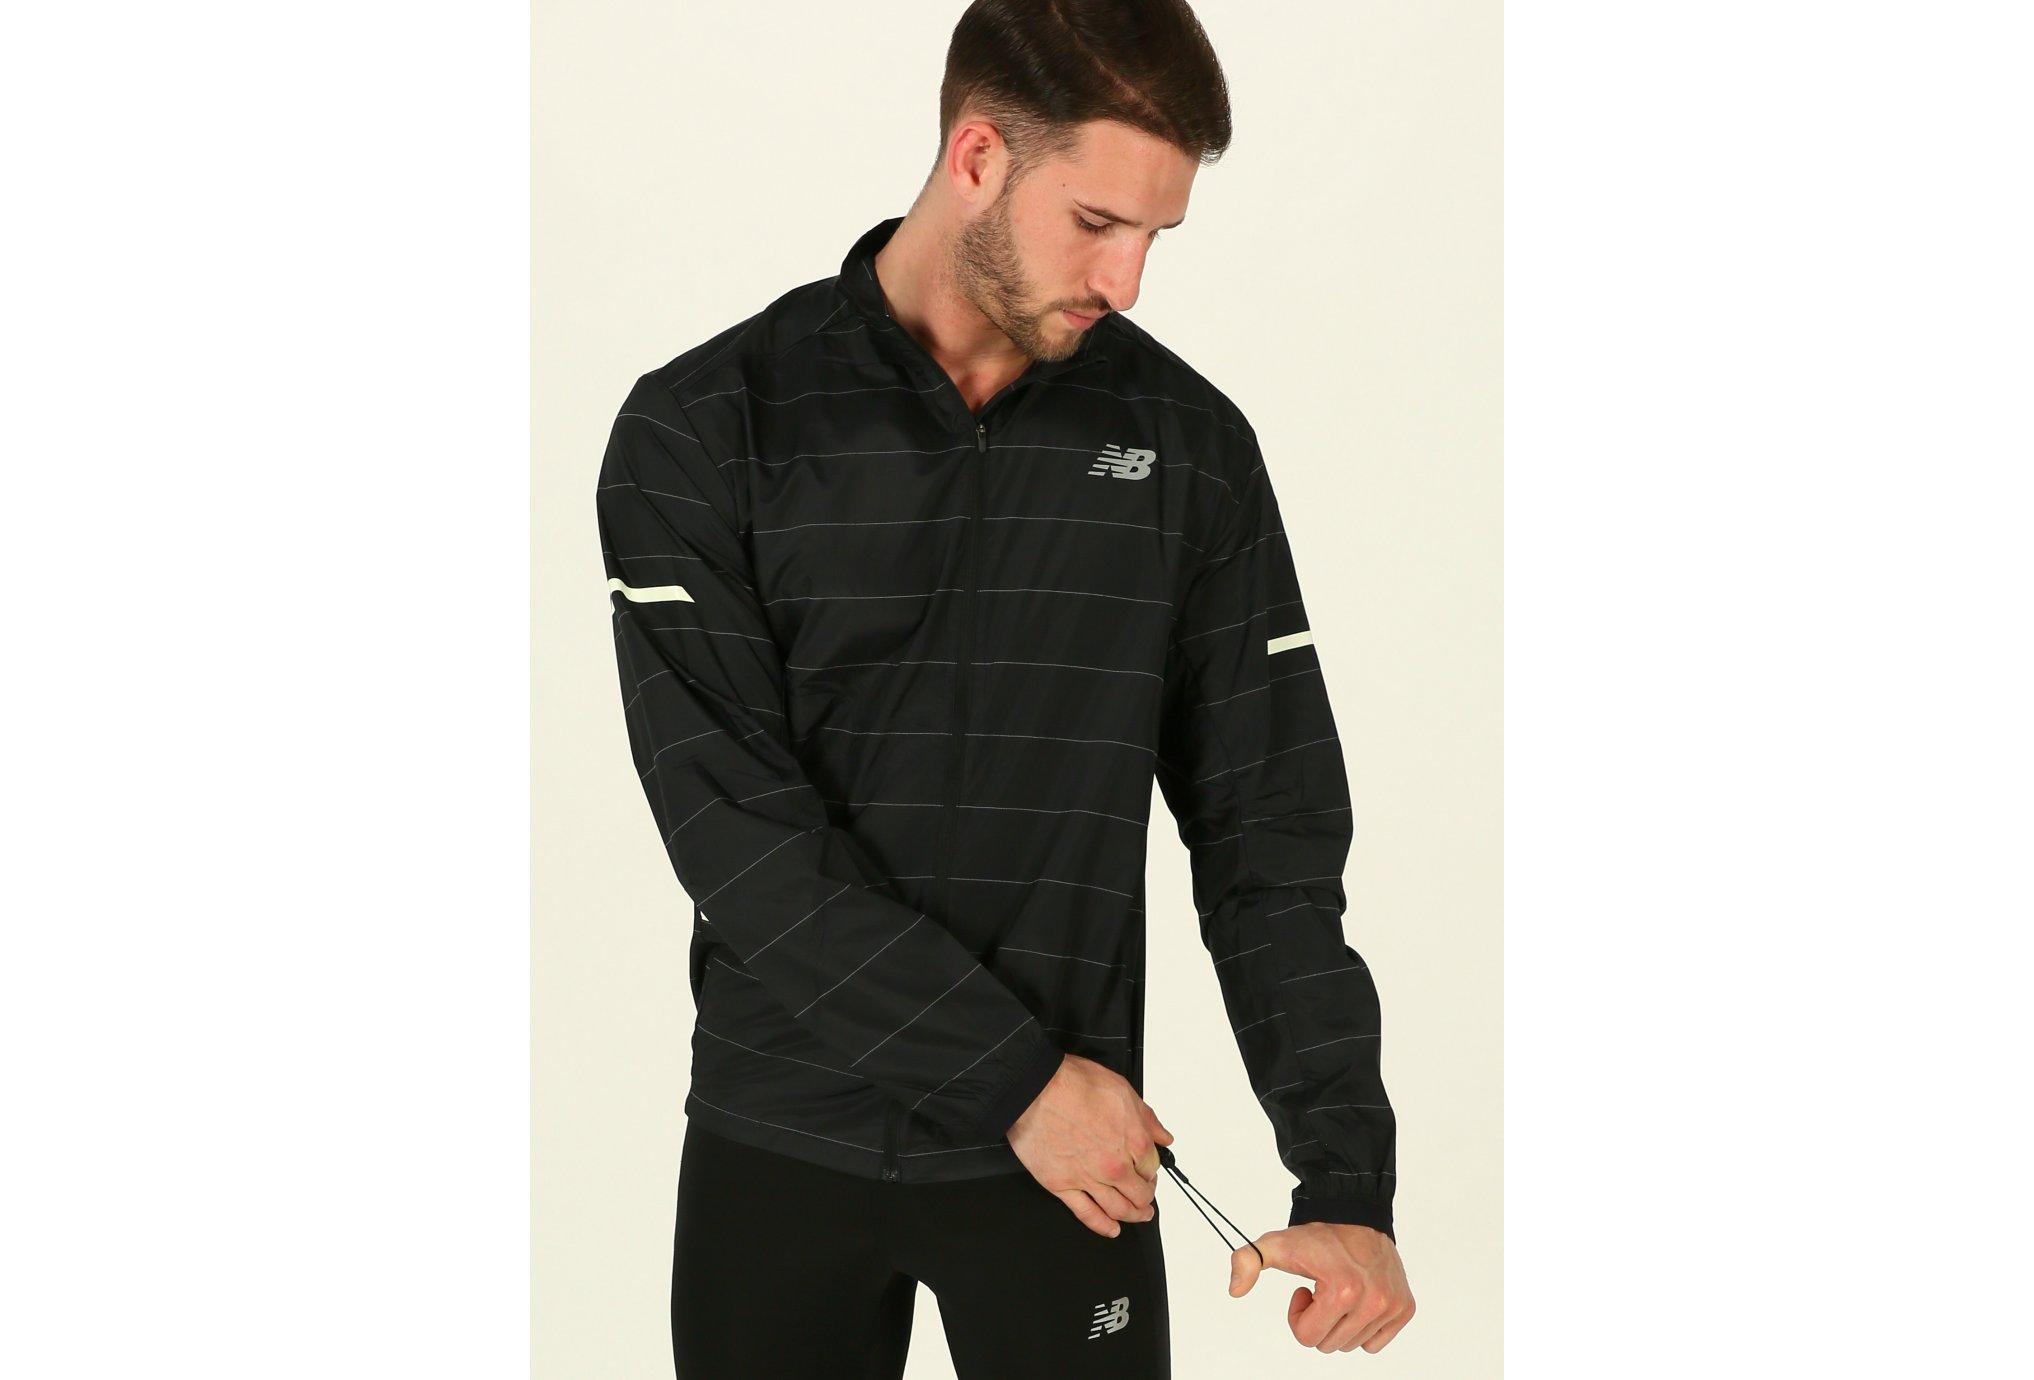 New Balance Reflective Packable M Diététique Vêtements homme